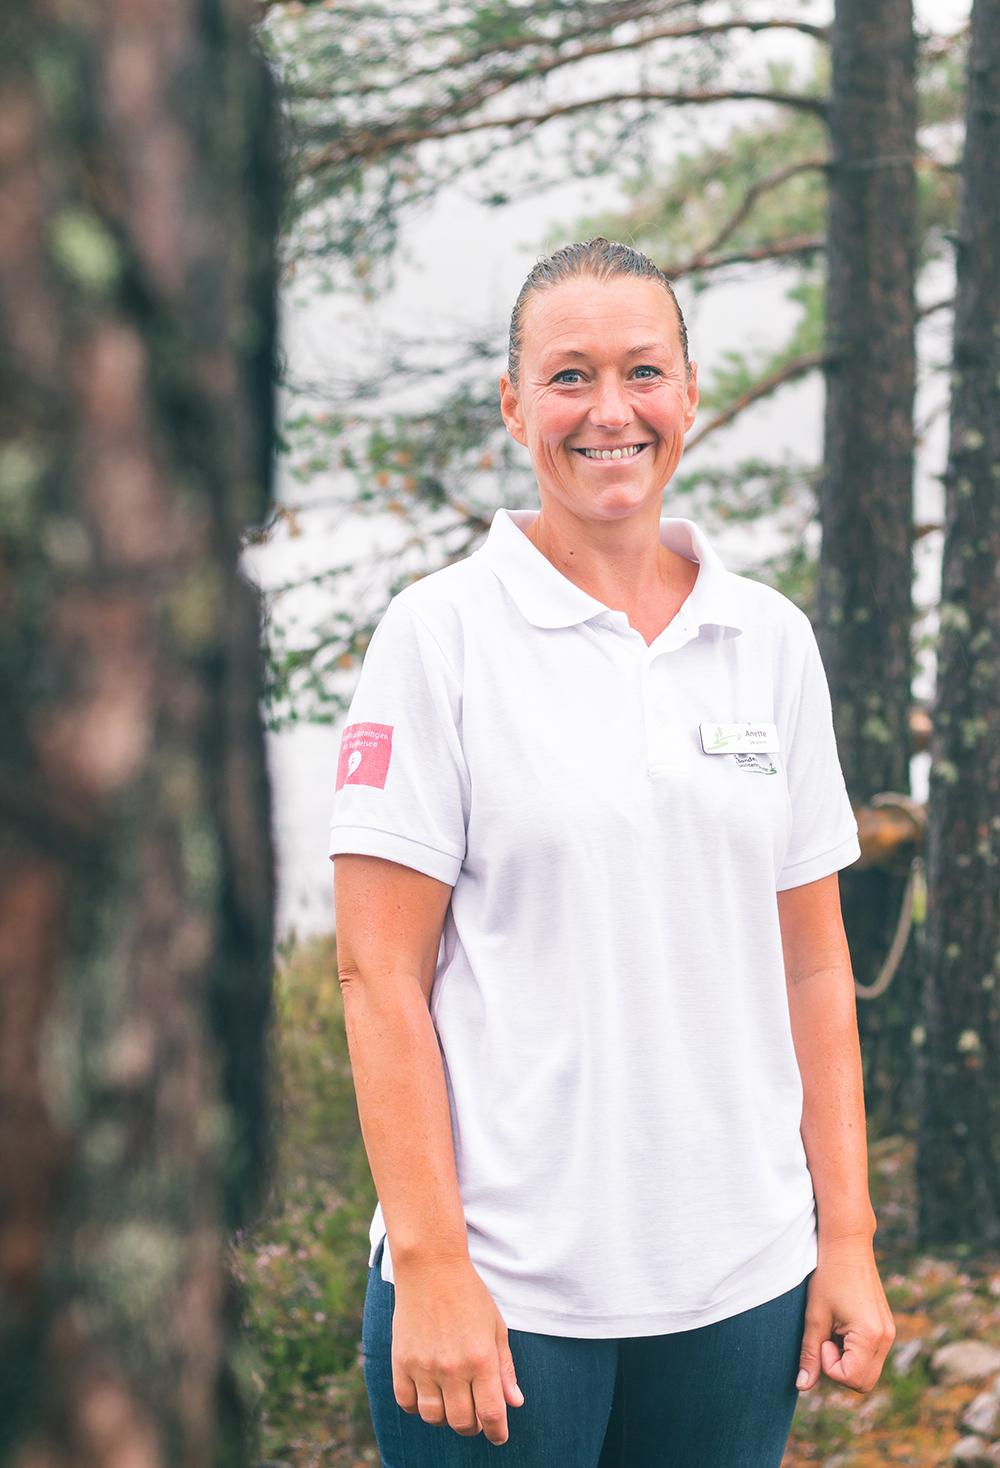 Sykepleier Anette Hobbesland Sandnæss